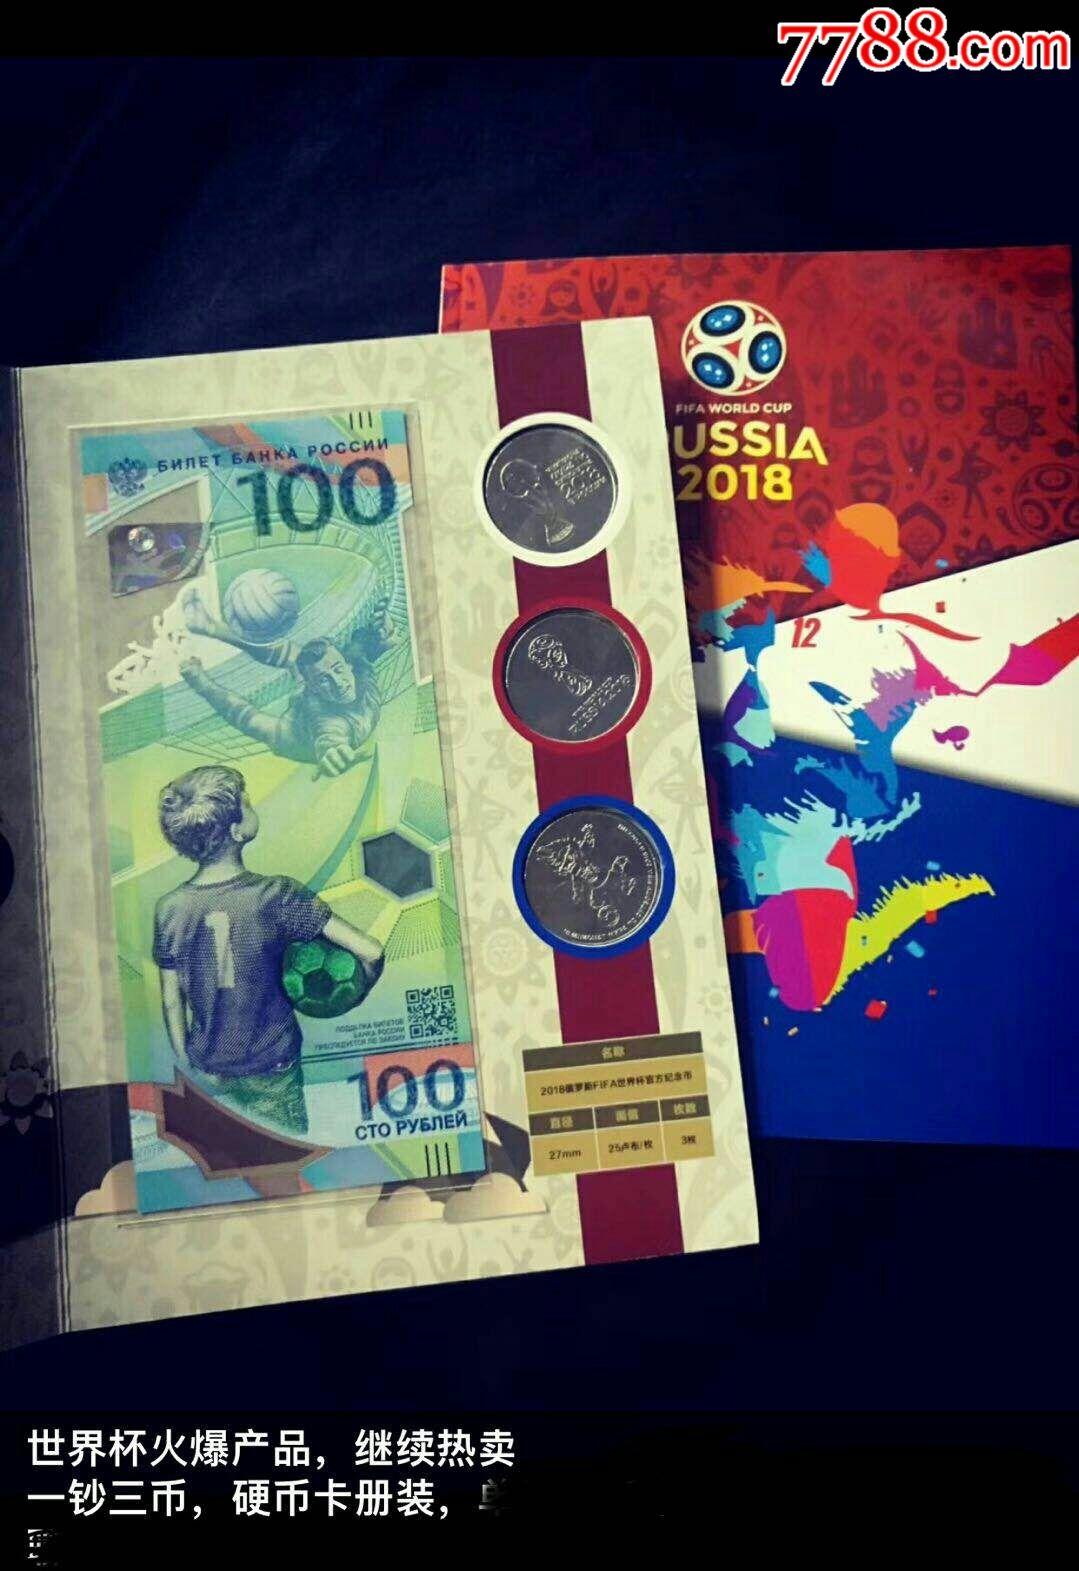 俄罗斯世界杯纪念钞套装册(一钞三币)两本齐拍